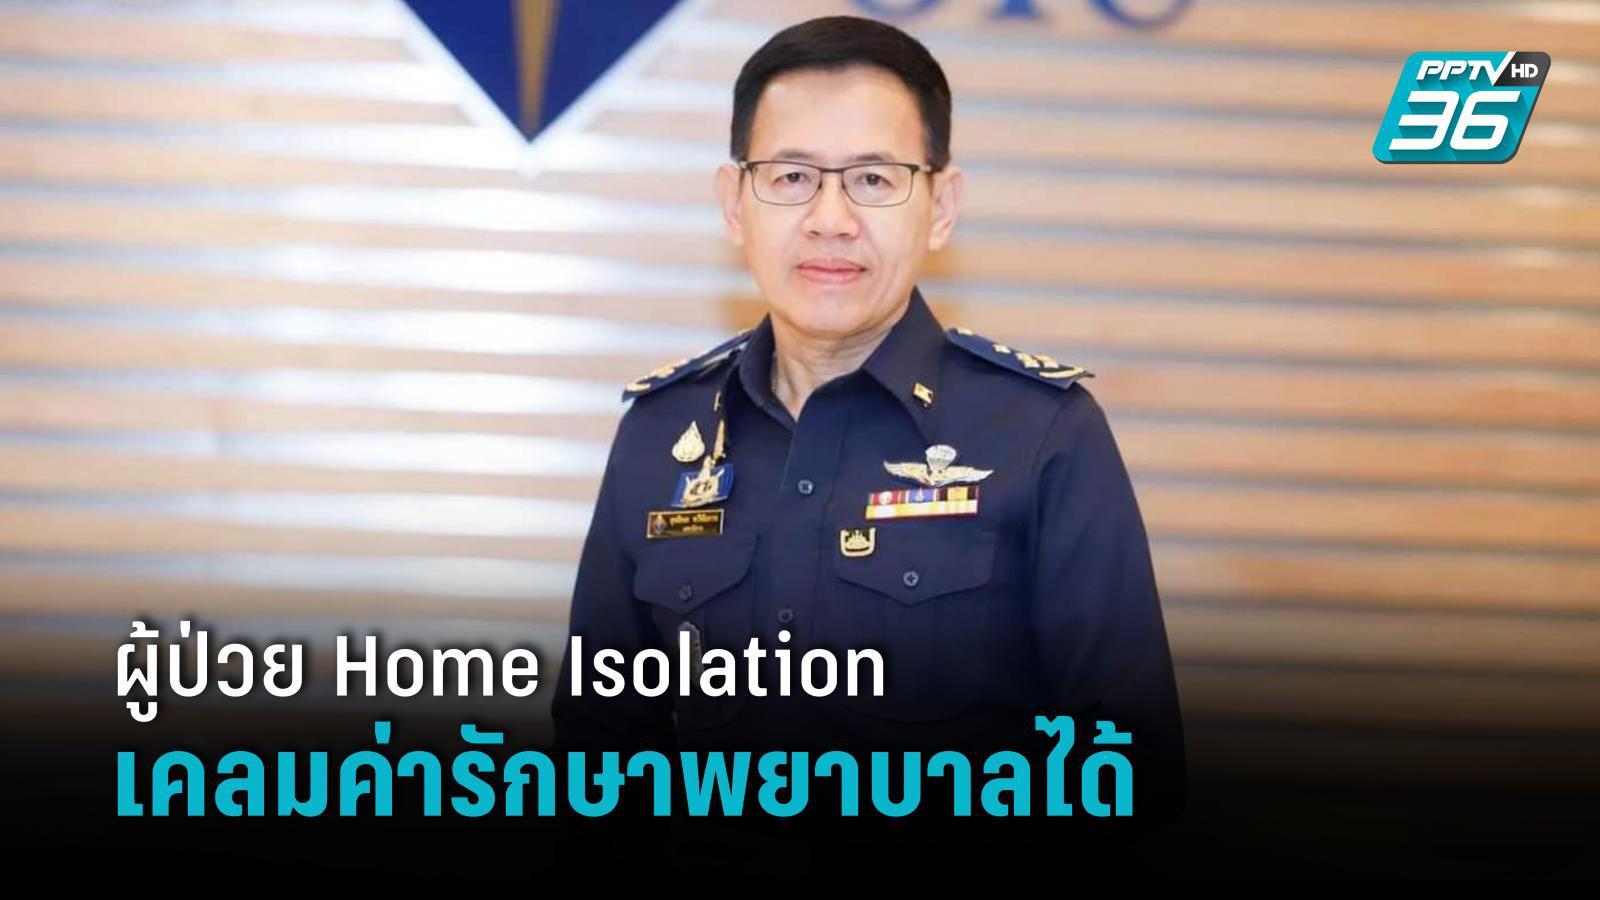 เลขาธิการคปภ. สั่งนายทะเบียนด่วน ผู้ป่วย Home Isolation เคลมค่ารักษาพยาบาลได้